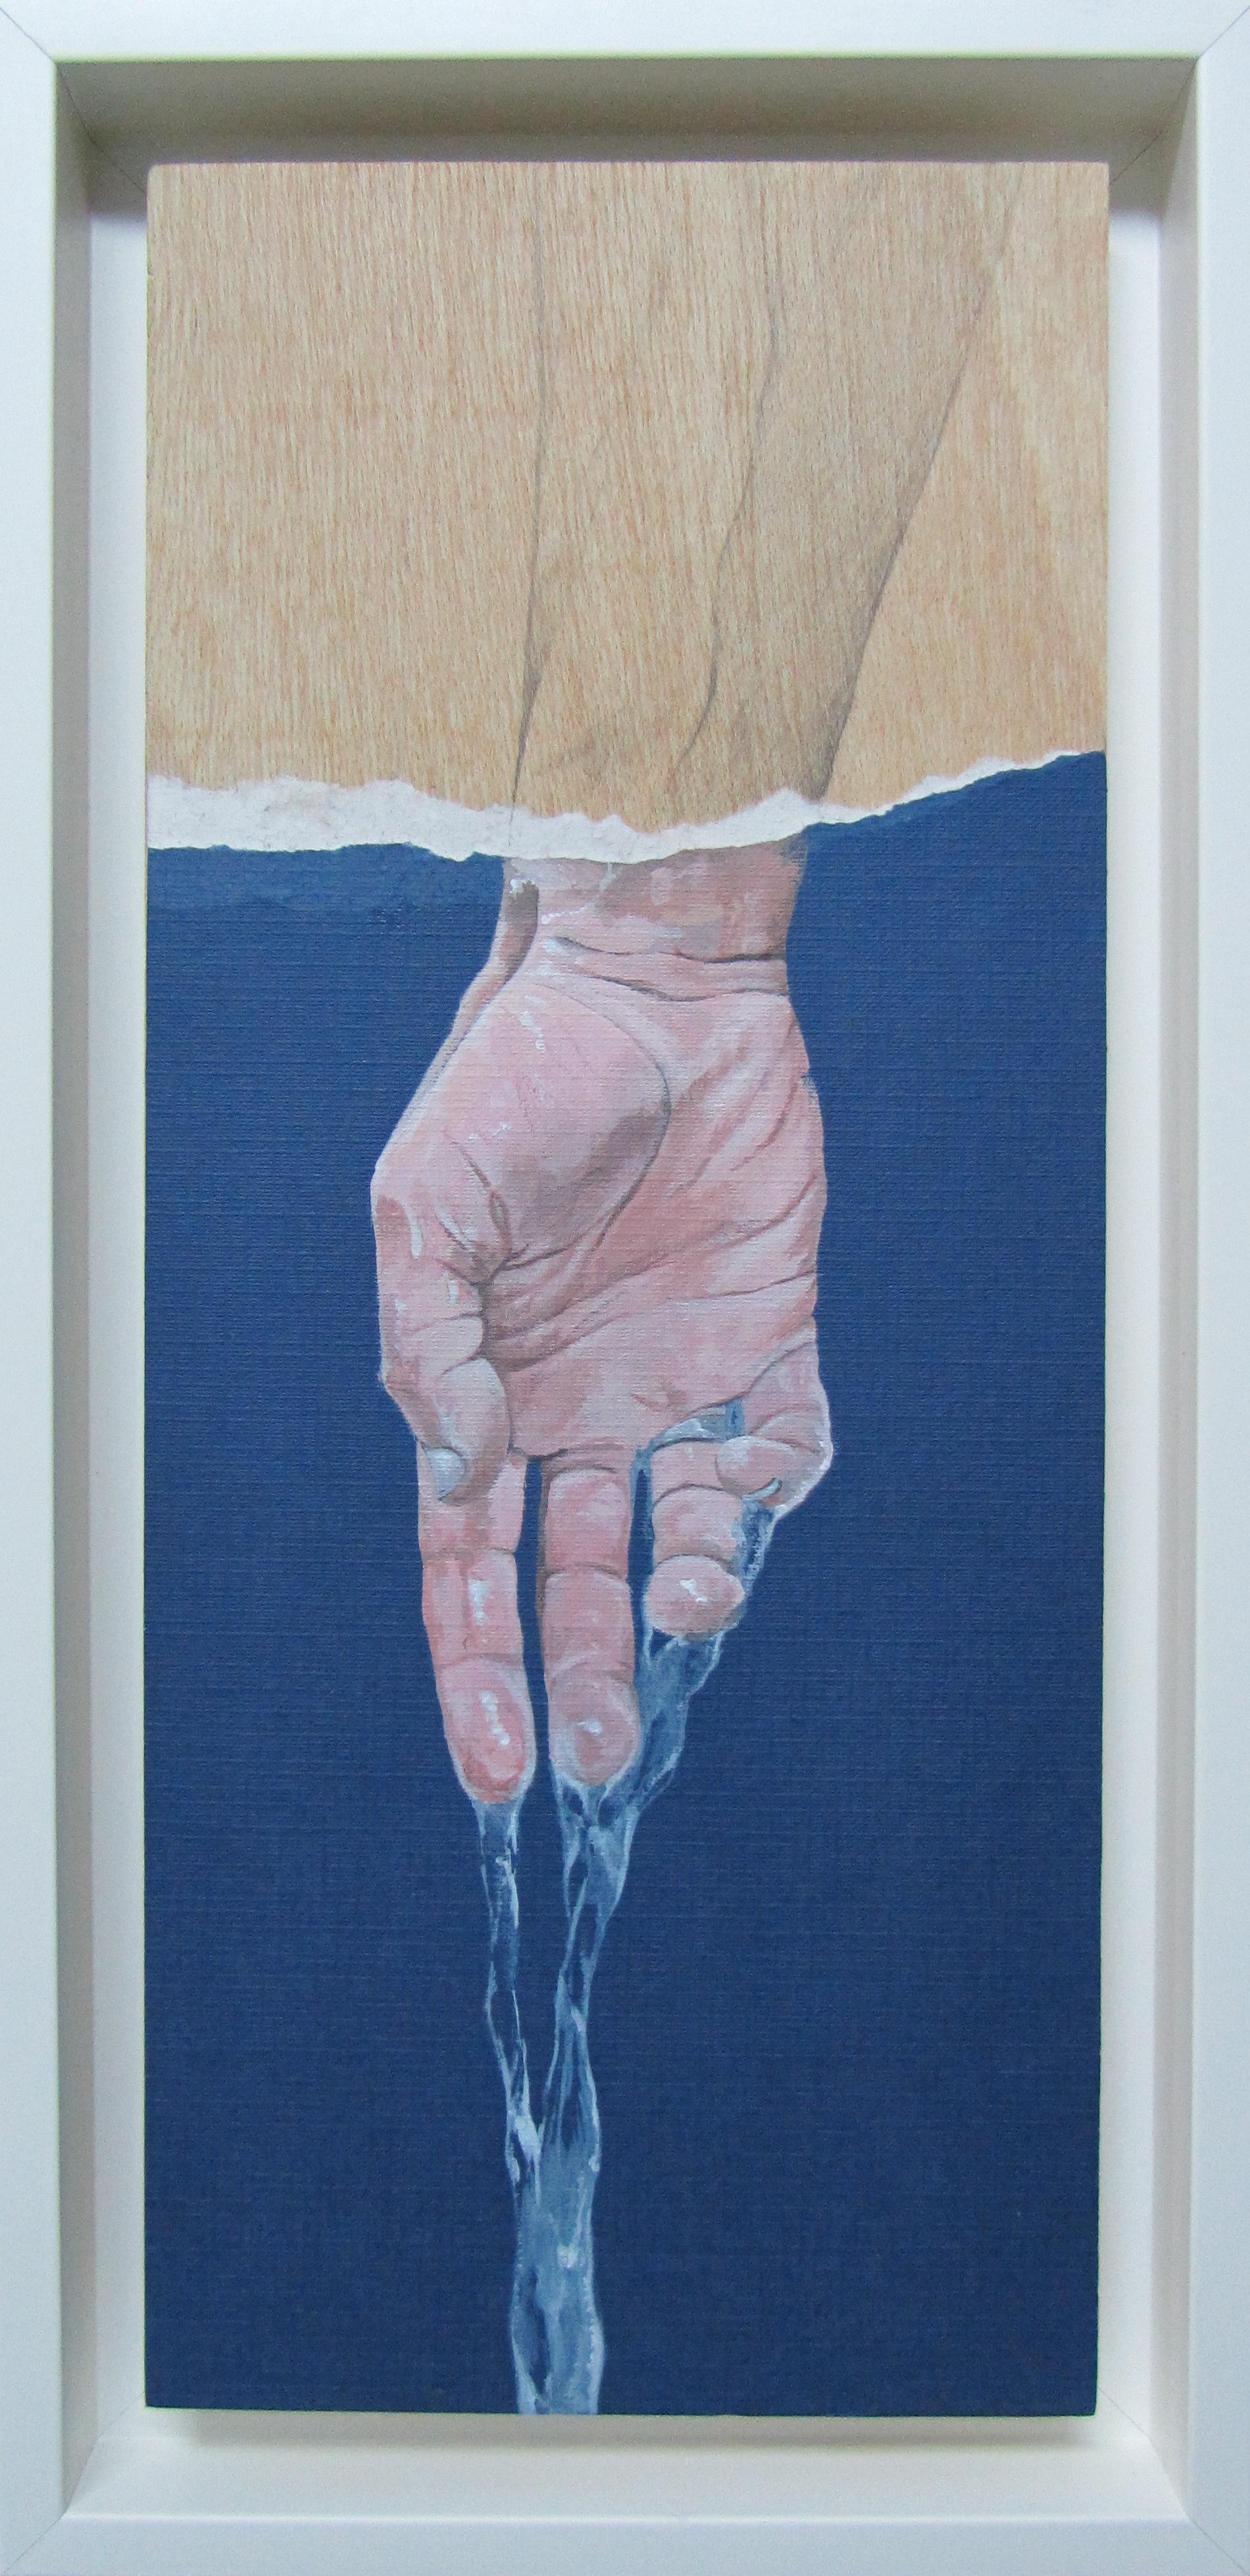 Aqua-hand_I_35X15_300€.JPG